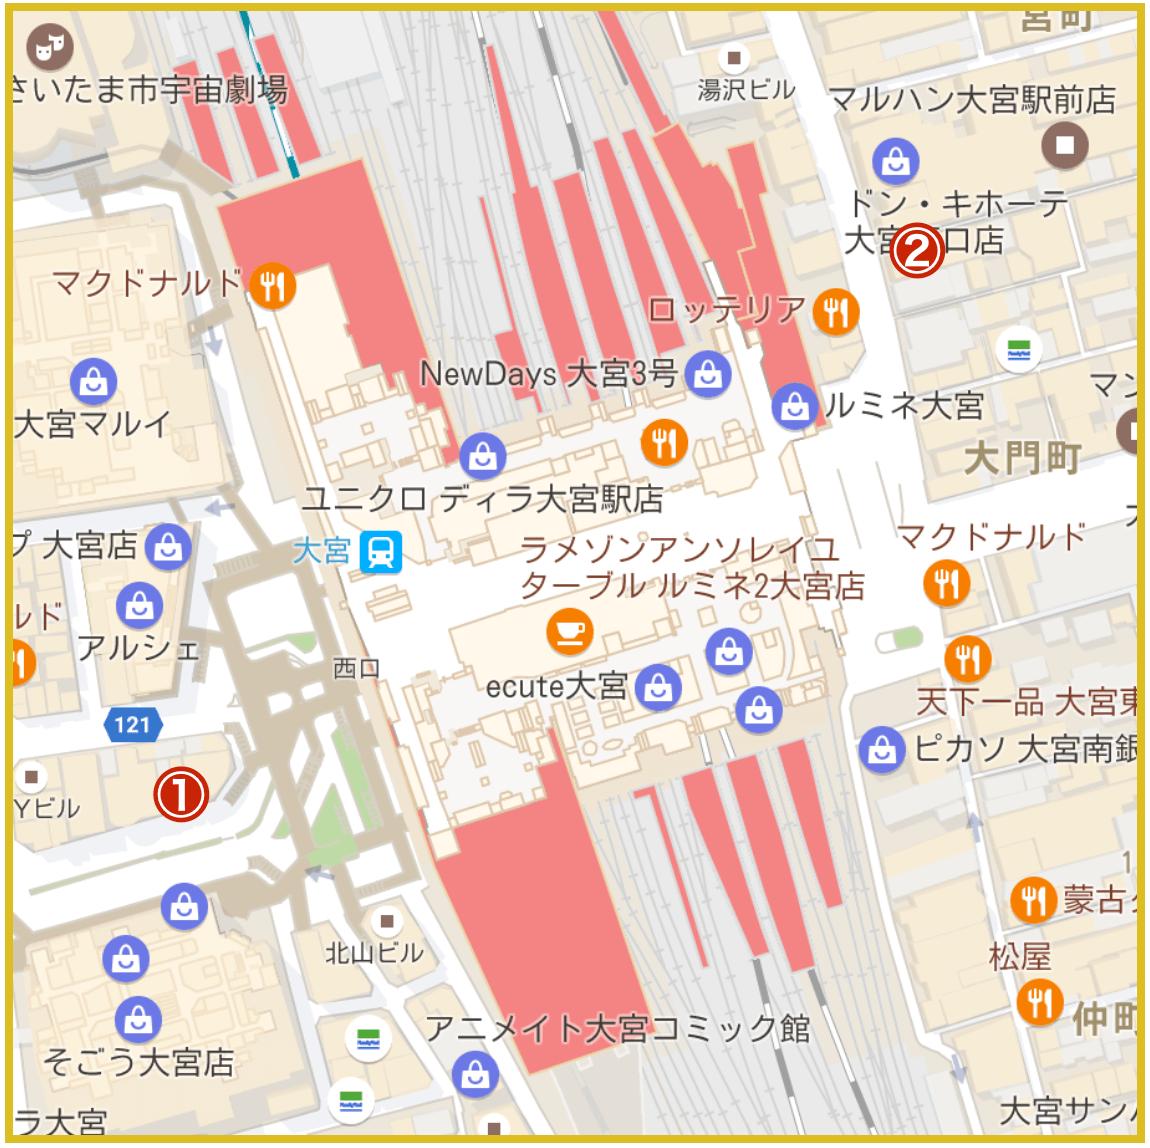 大宮駅周辺にあるプロミス店舗・ATMの位置(2020年版)